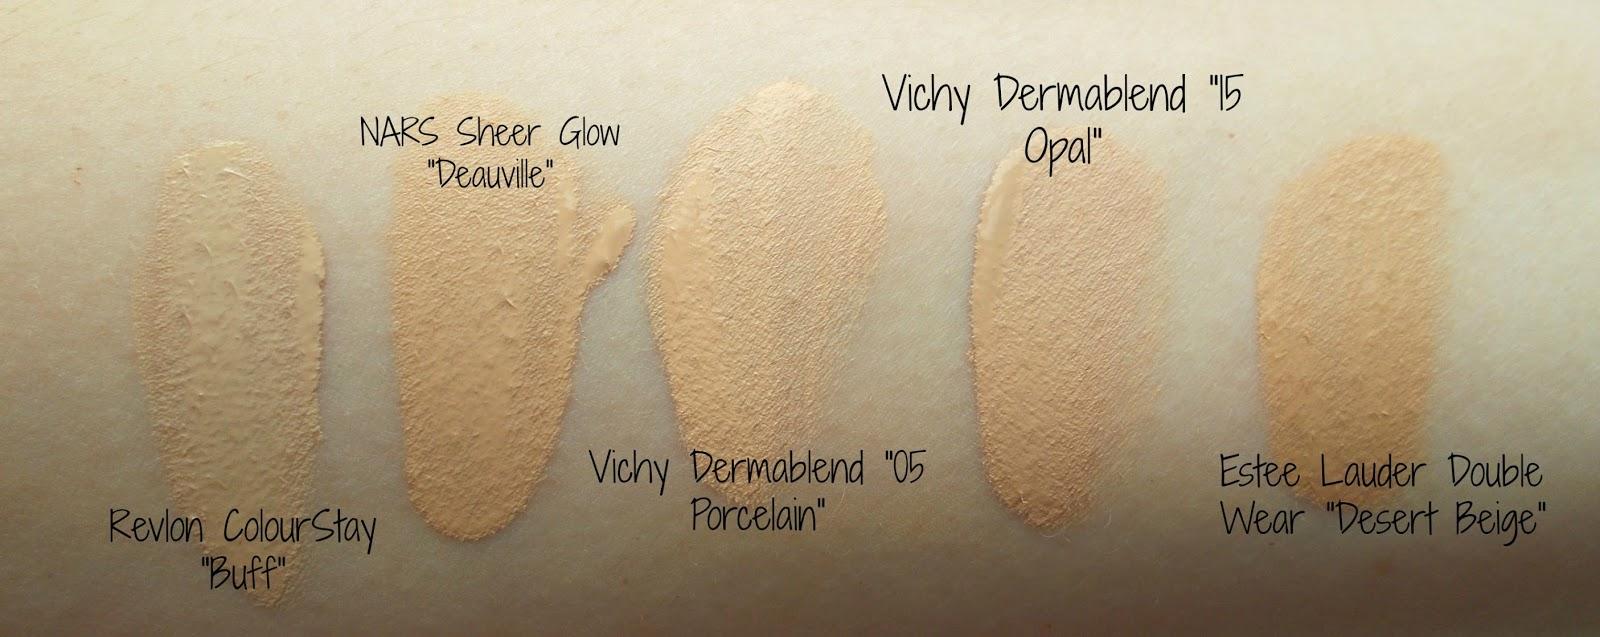 Vichy Dermablend 05 Porcelain 15 Opal foundation swatches NARS Revlon Estee Lauder